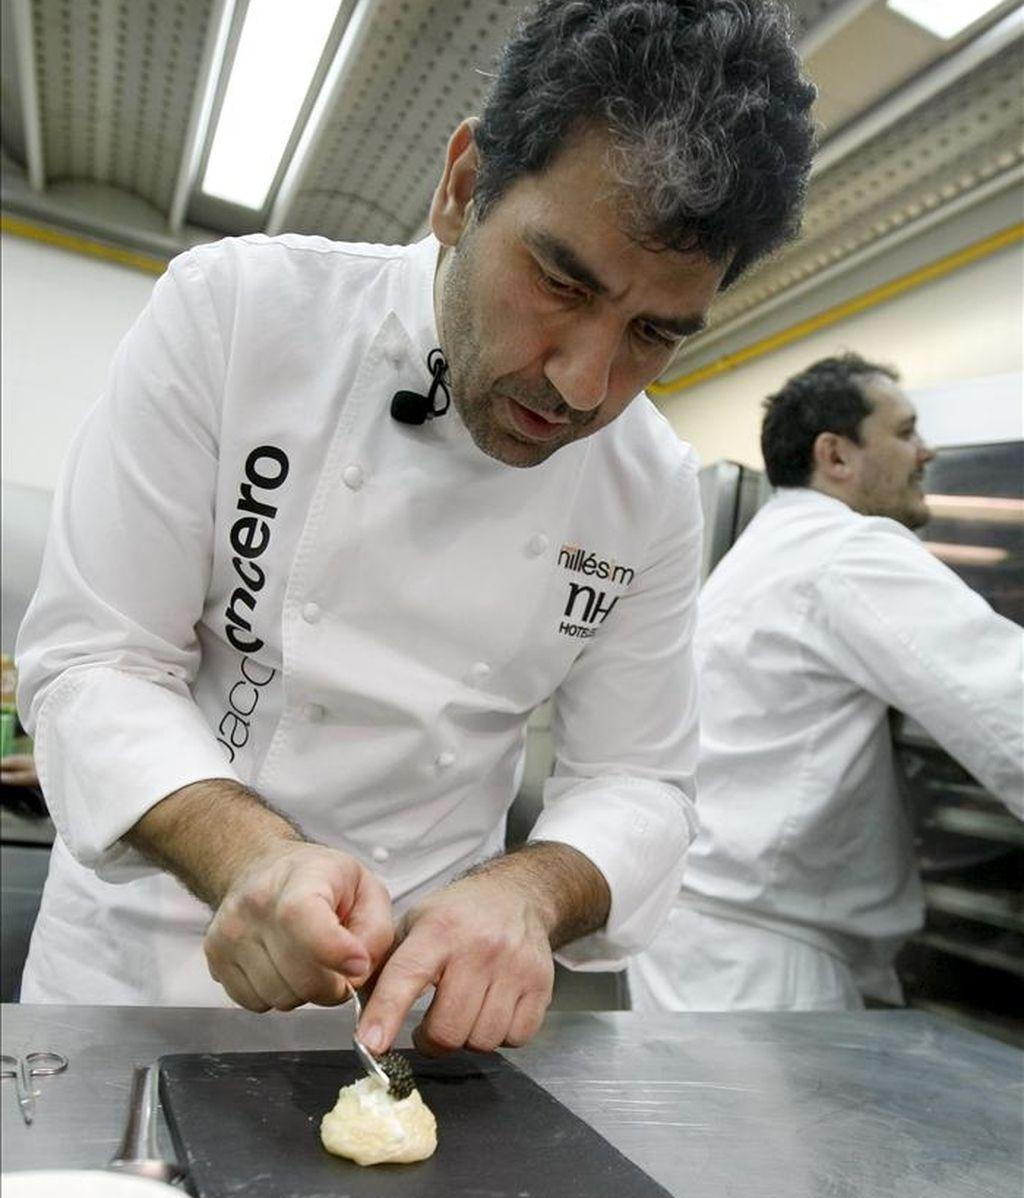 El cocinero Paco Roncero. EFE/Archivo